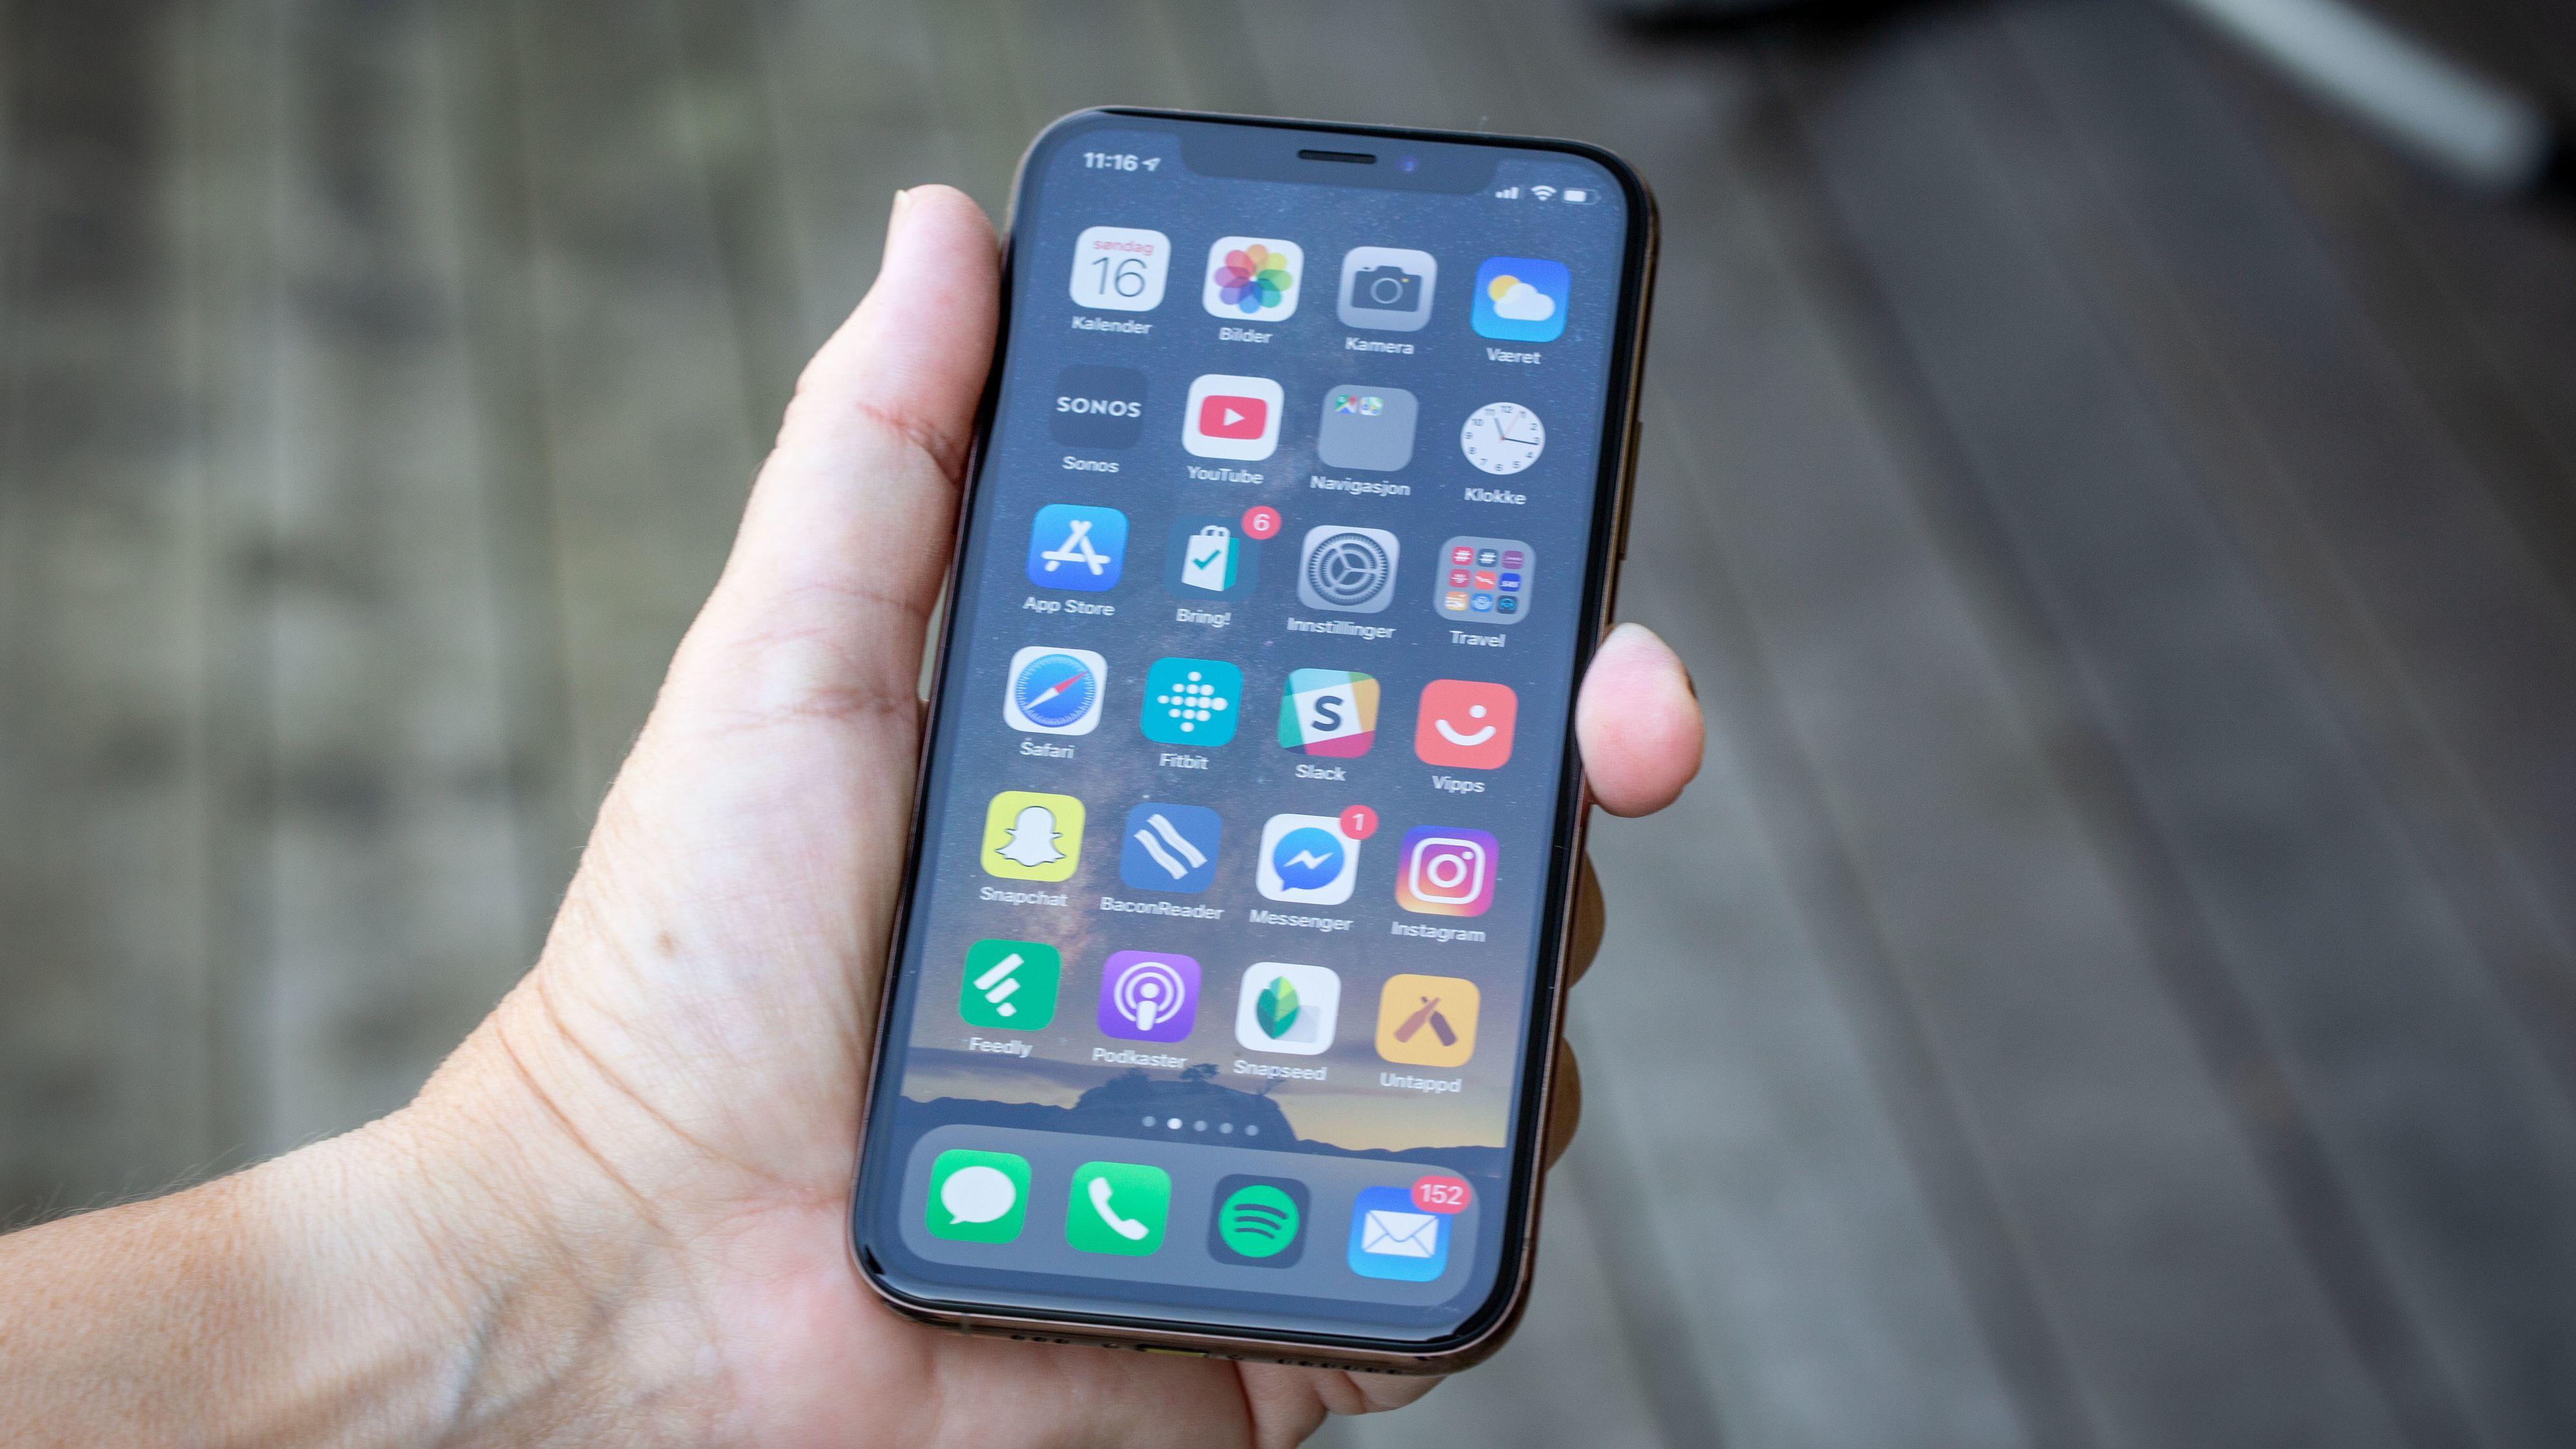 iPhone X er omtrent like stor som iPhone 6, 7 og 8 i hånden, men har en skjerm som er mye større.